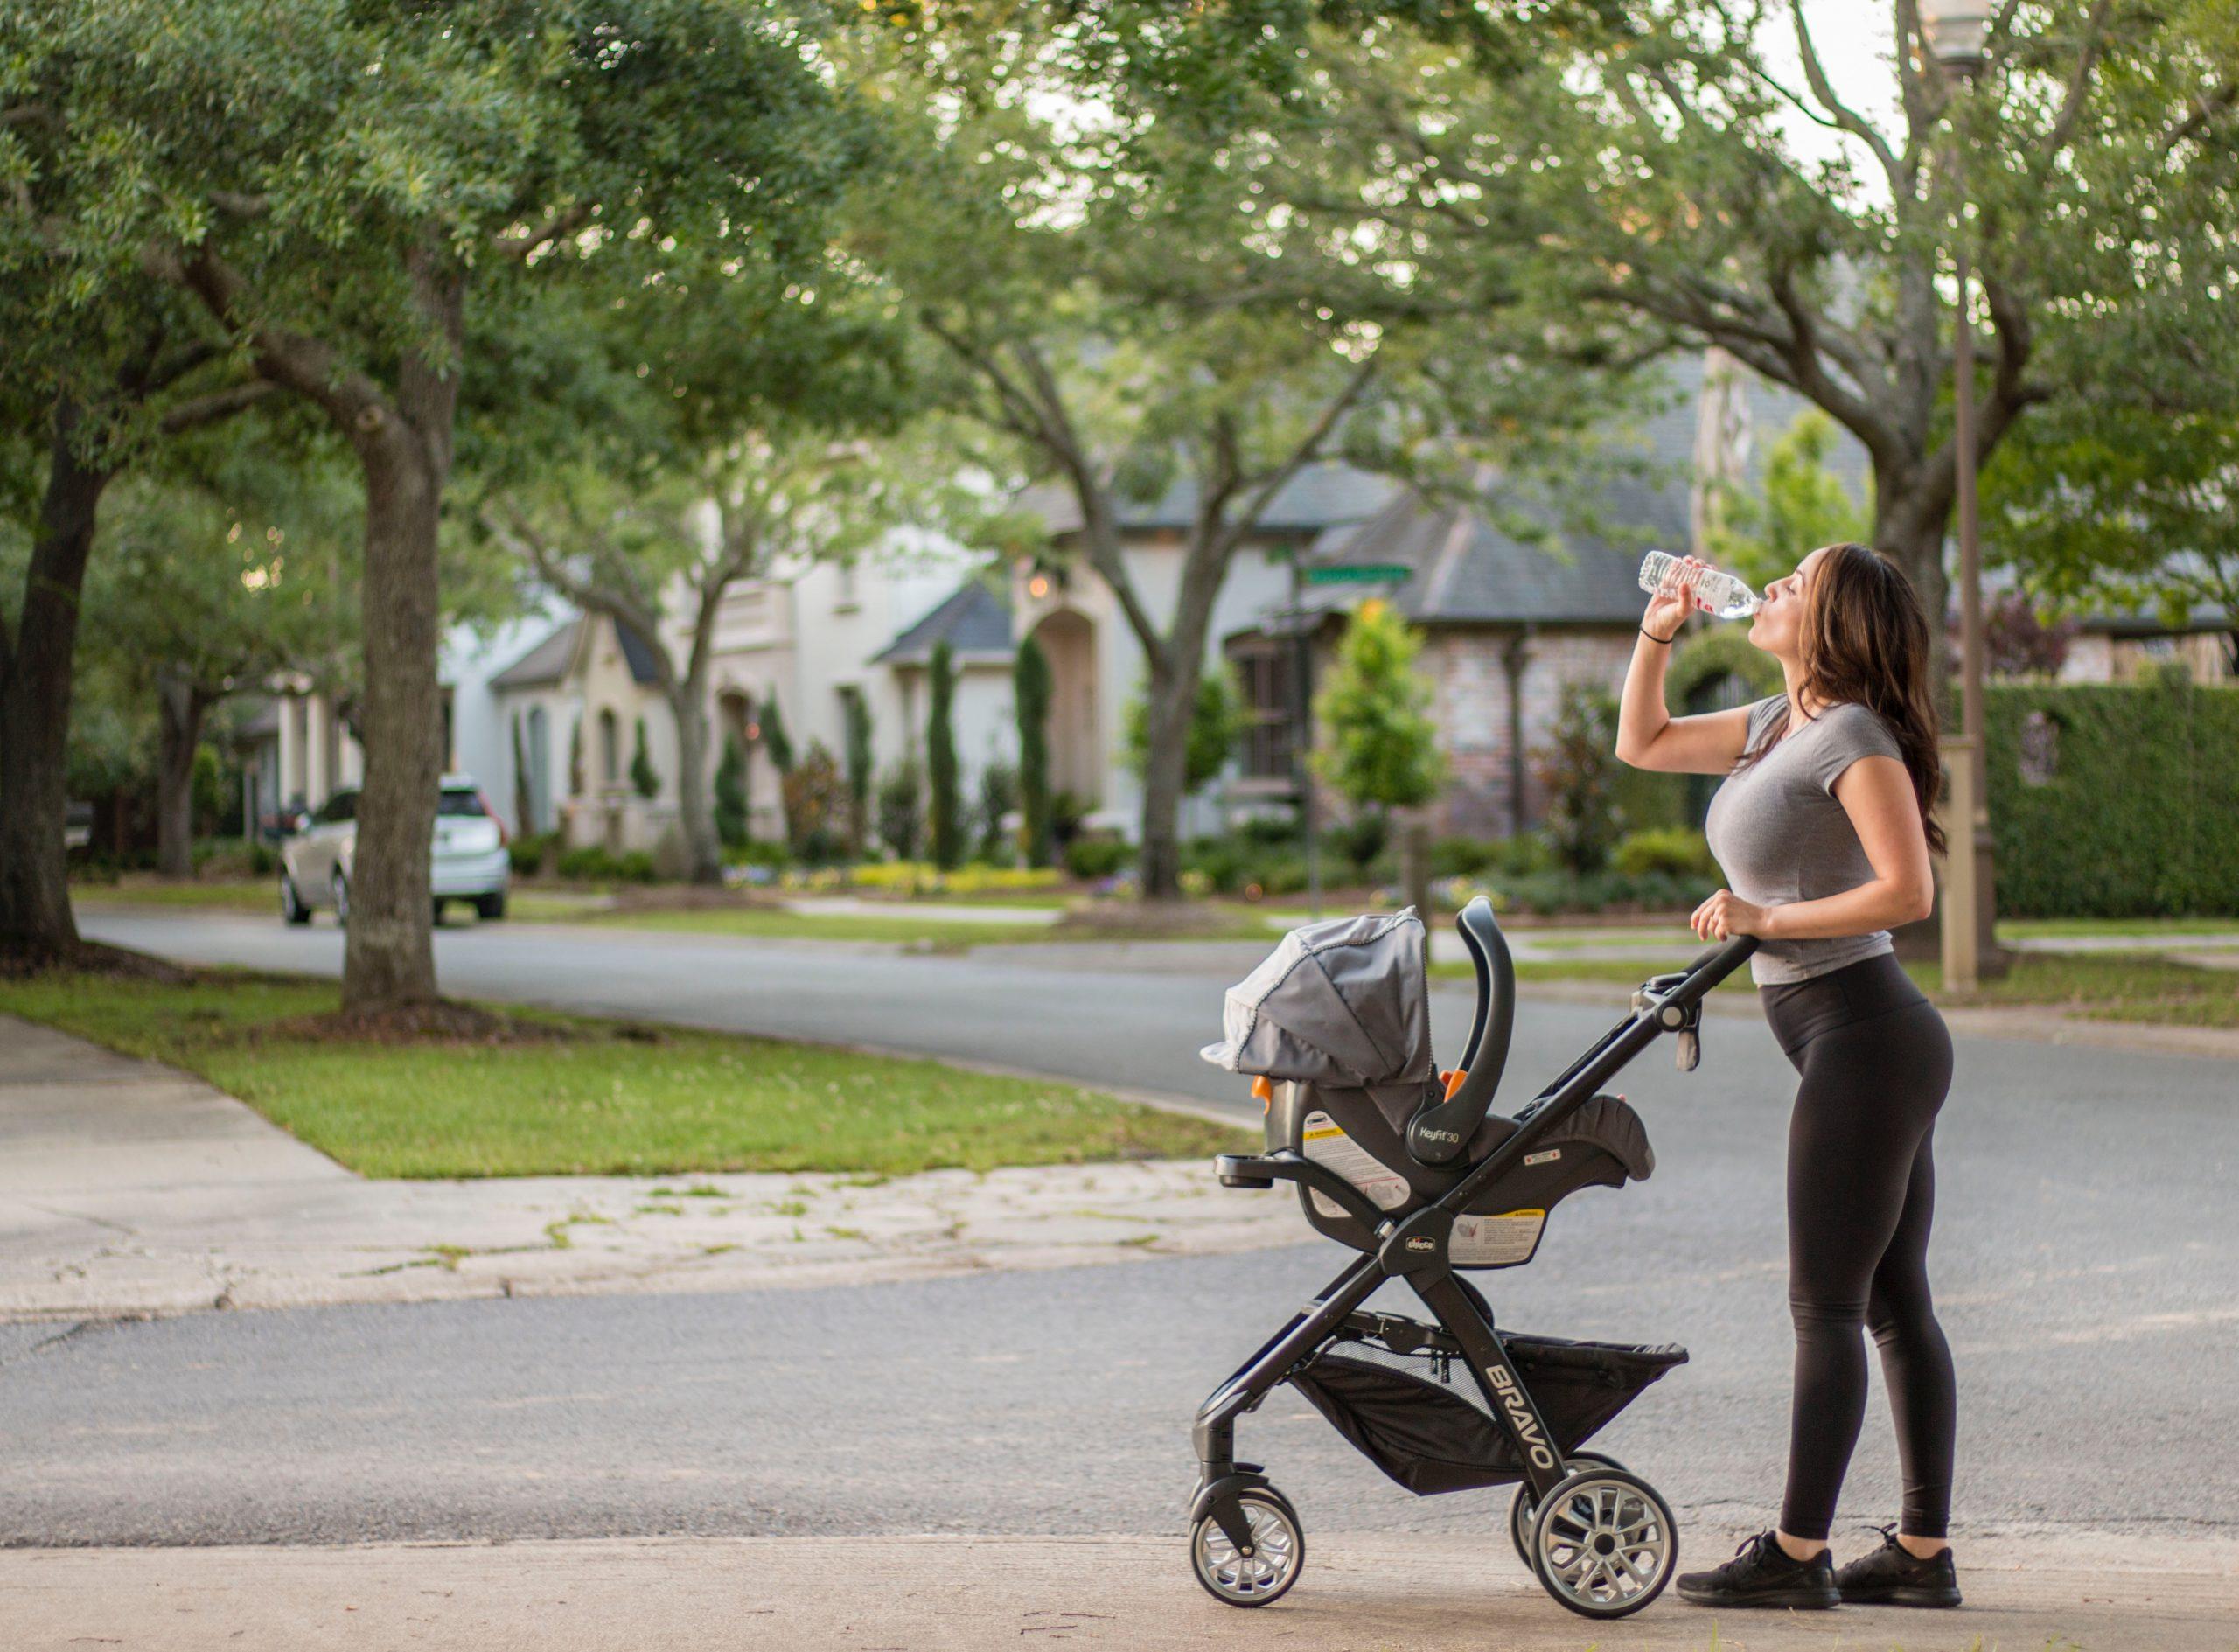 Carrinho de bebê 3 rodas: Confira os melhores de 2020